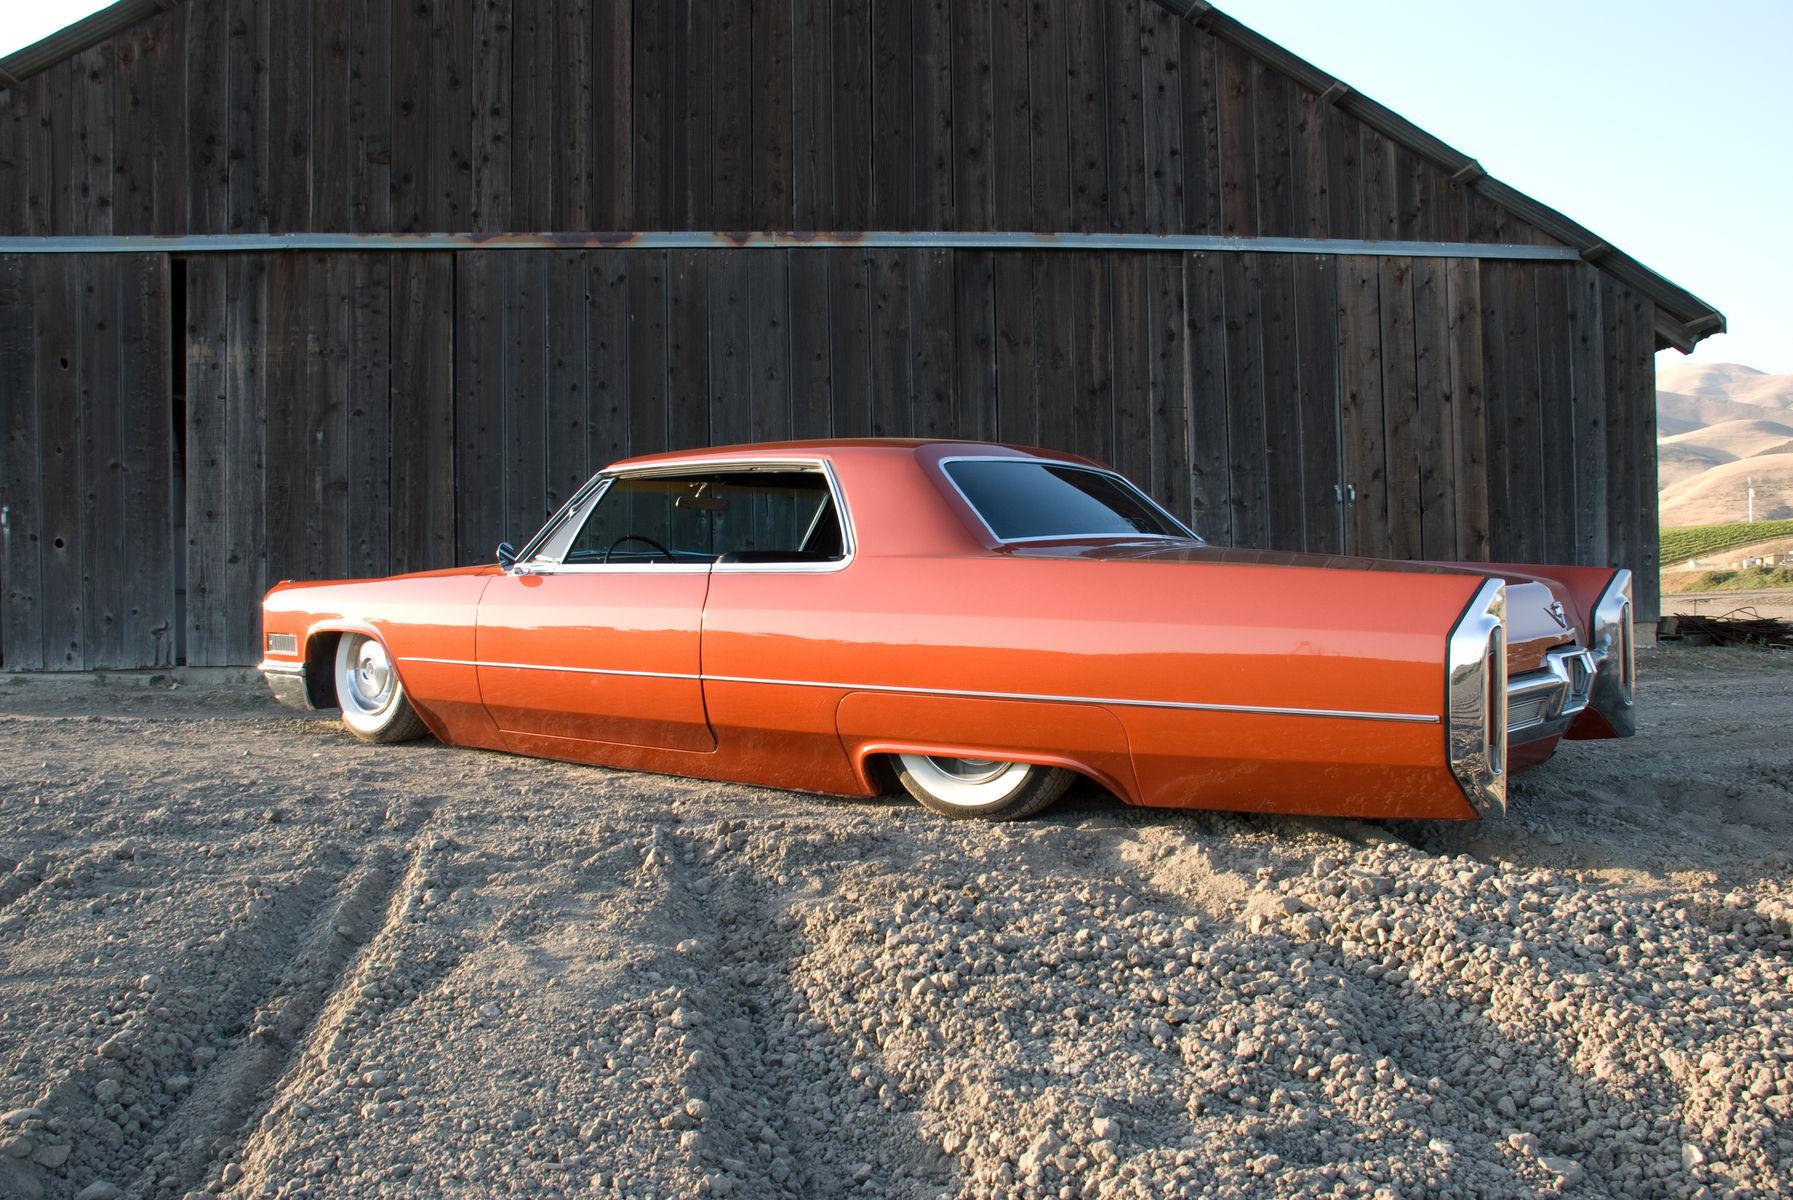 1966 Cadillac Eldorado | 66 Caddy